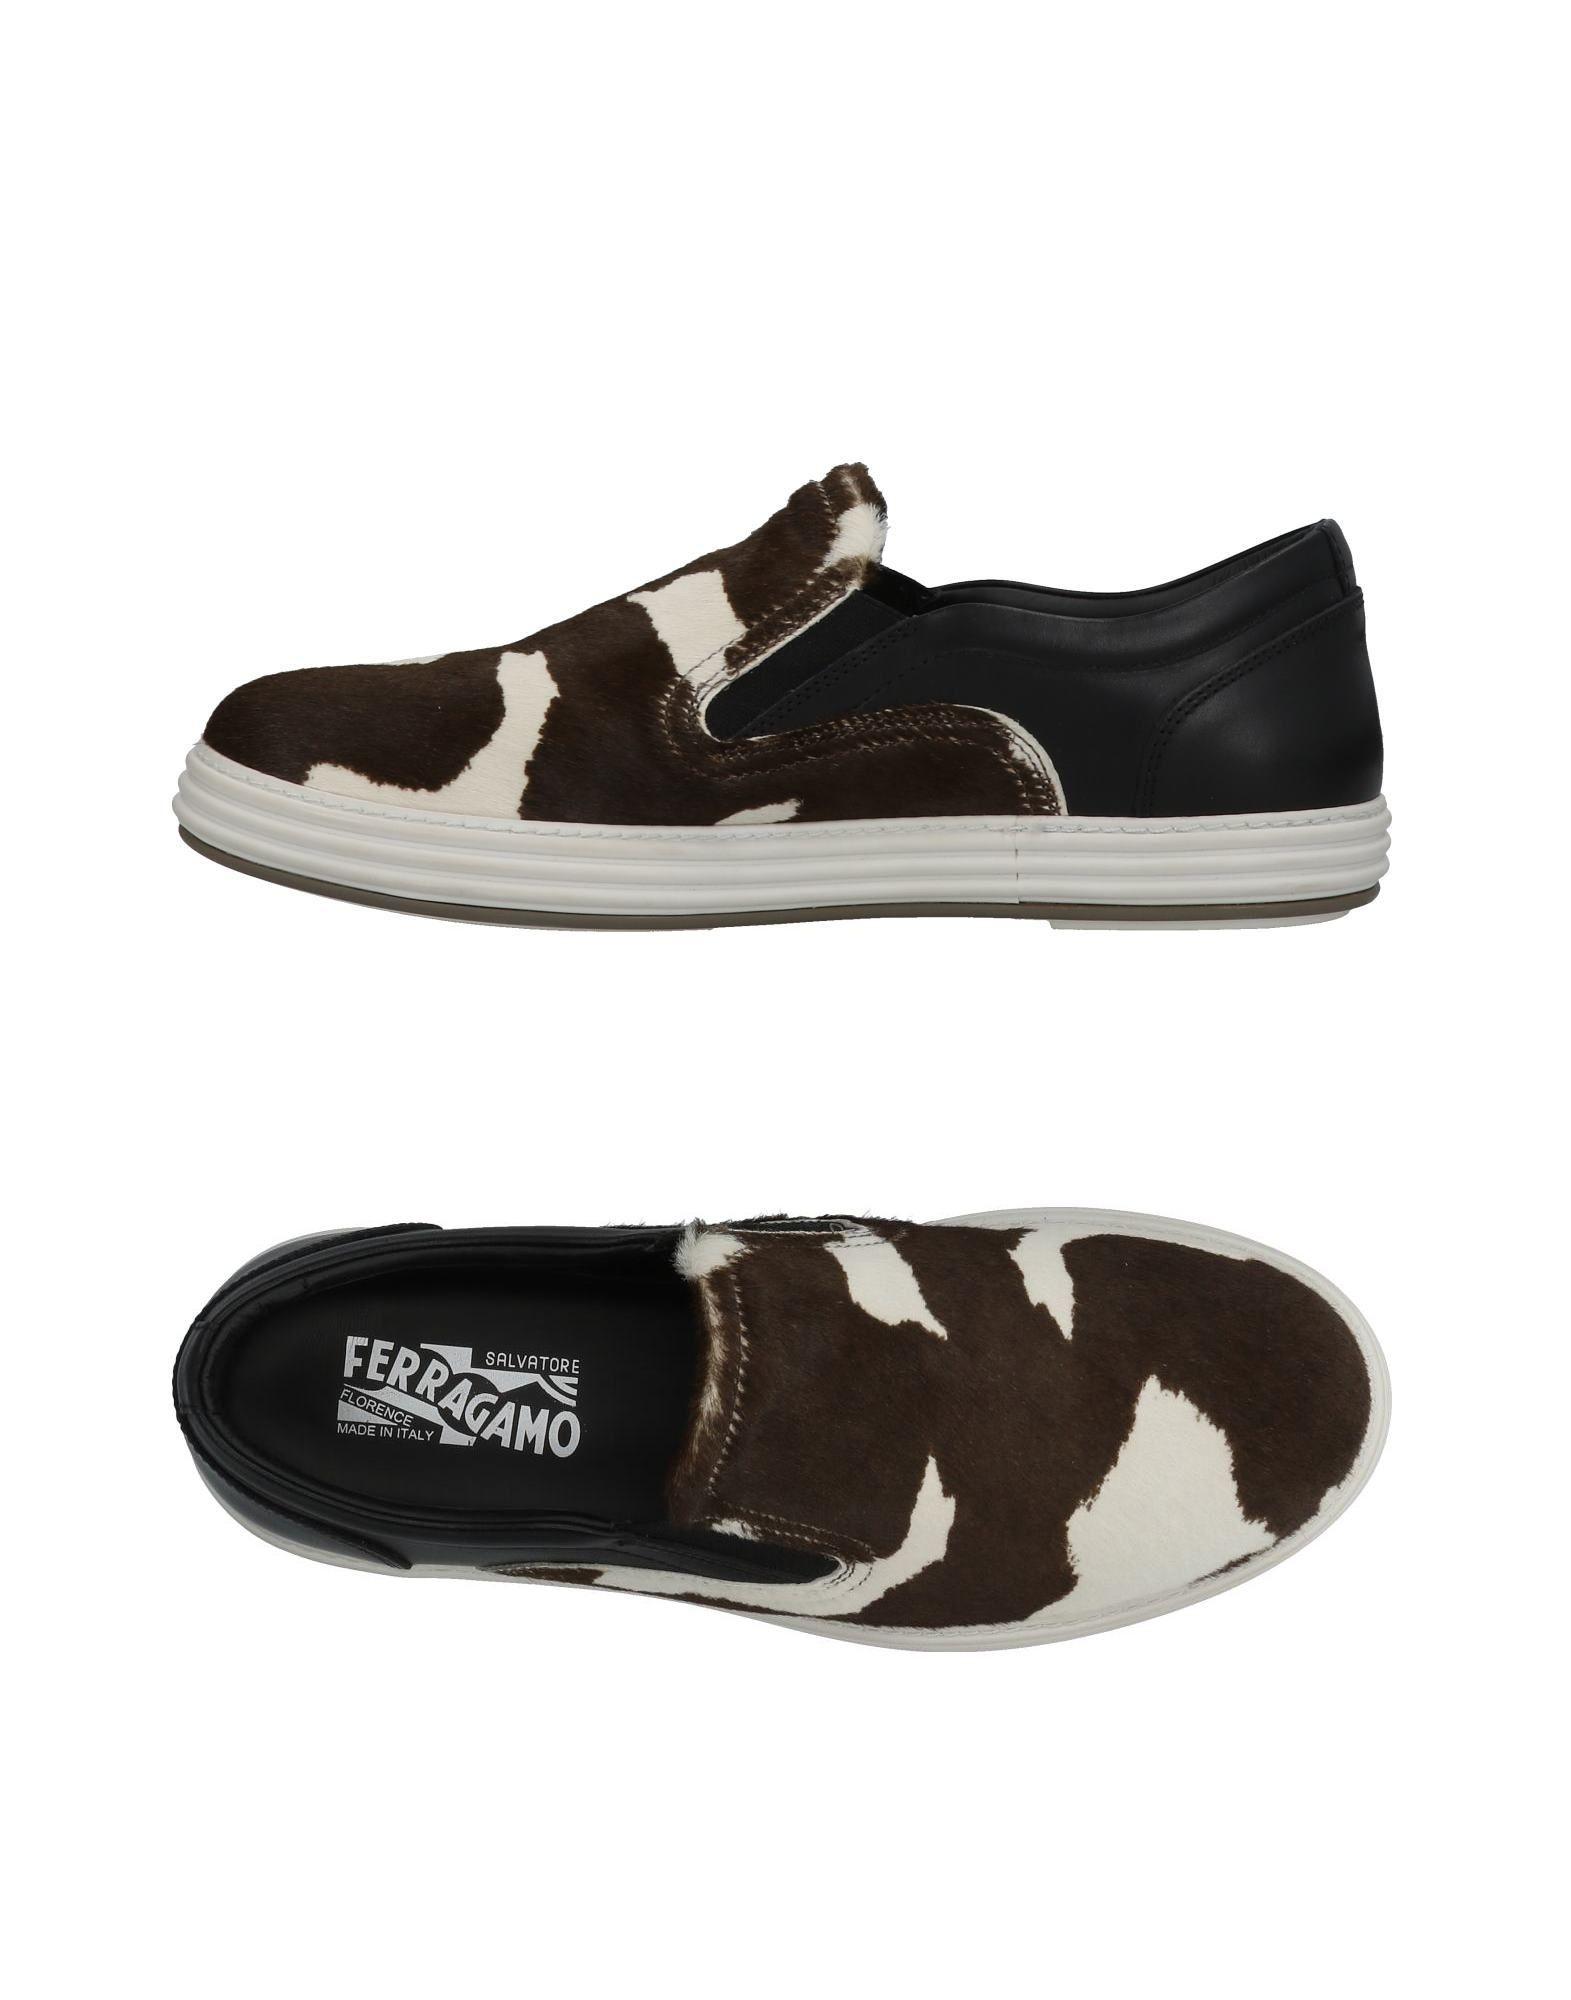 Salvatore Ferragamo Sneakers Herren  11434341IK Gute Qualität beliebte Schuhe